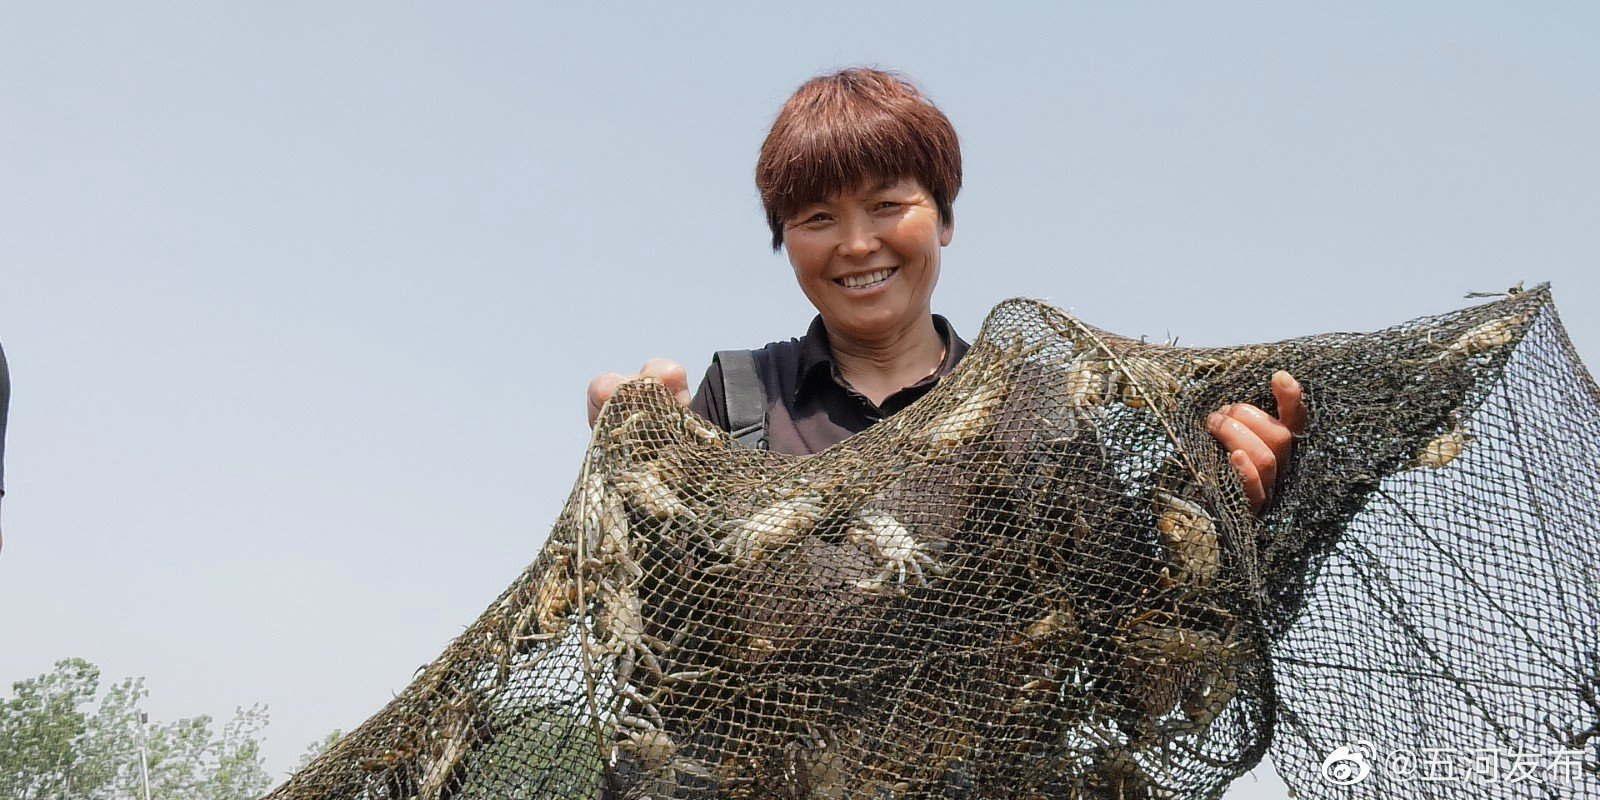 安徽蚌埠五河杨晓凤:勤劳致富 做发展特色种养业的带头人